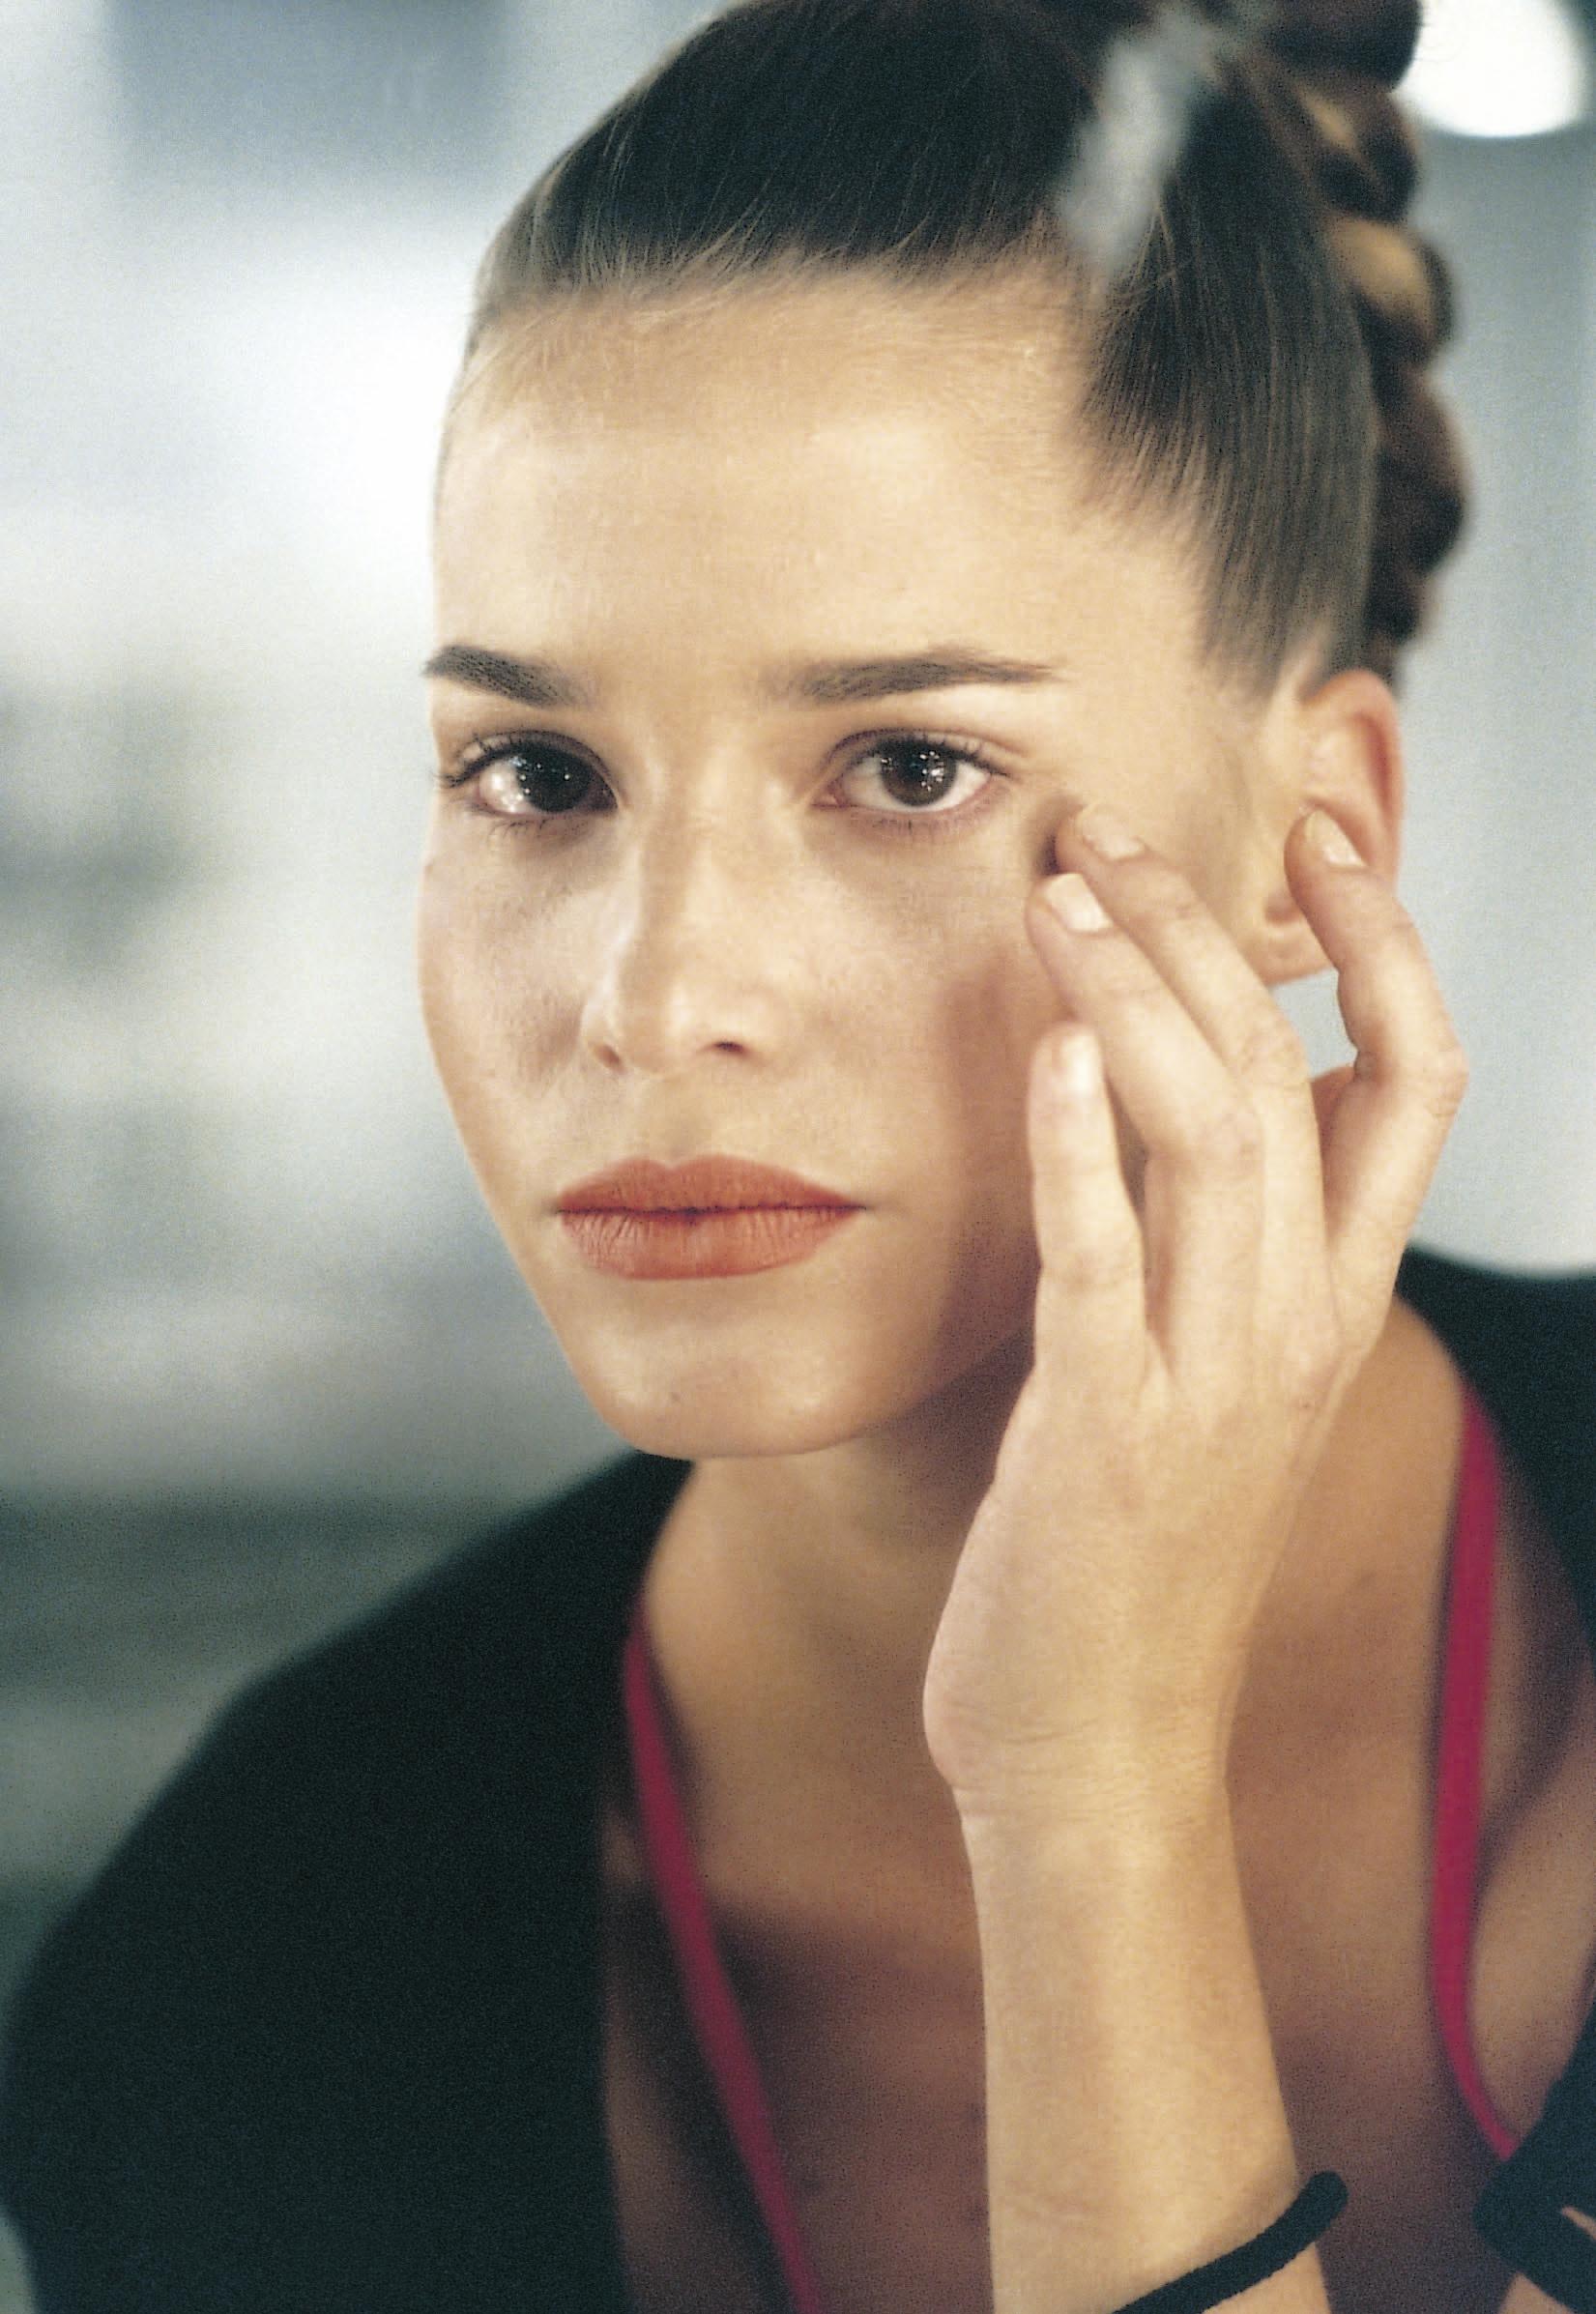 Los quistes de milium son más habituales en la piel grasa, pero pueden aparecer en cualquiera. No son graves, pero deberías acudir al dermatólogo para eliminaros.